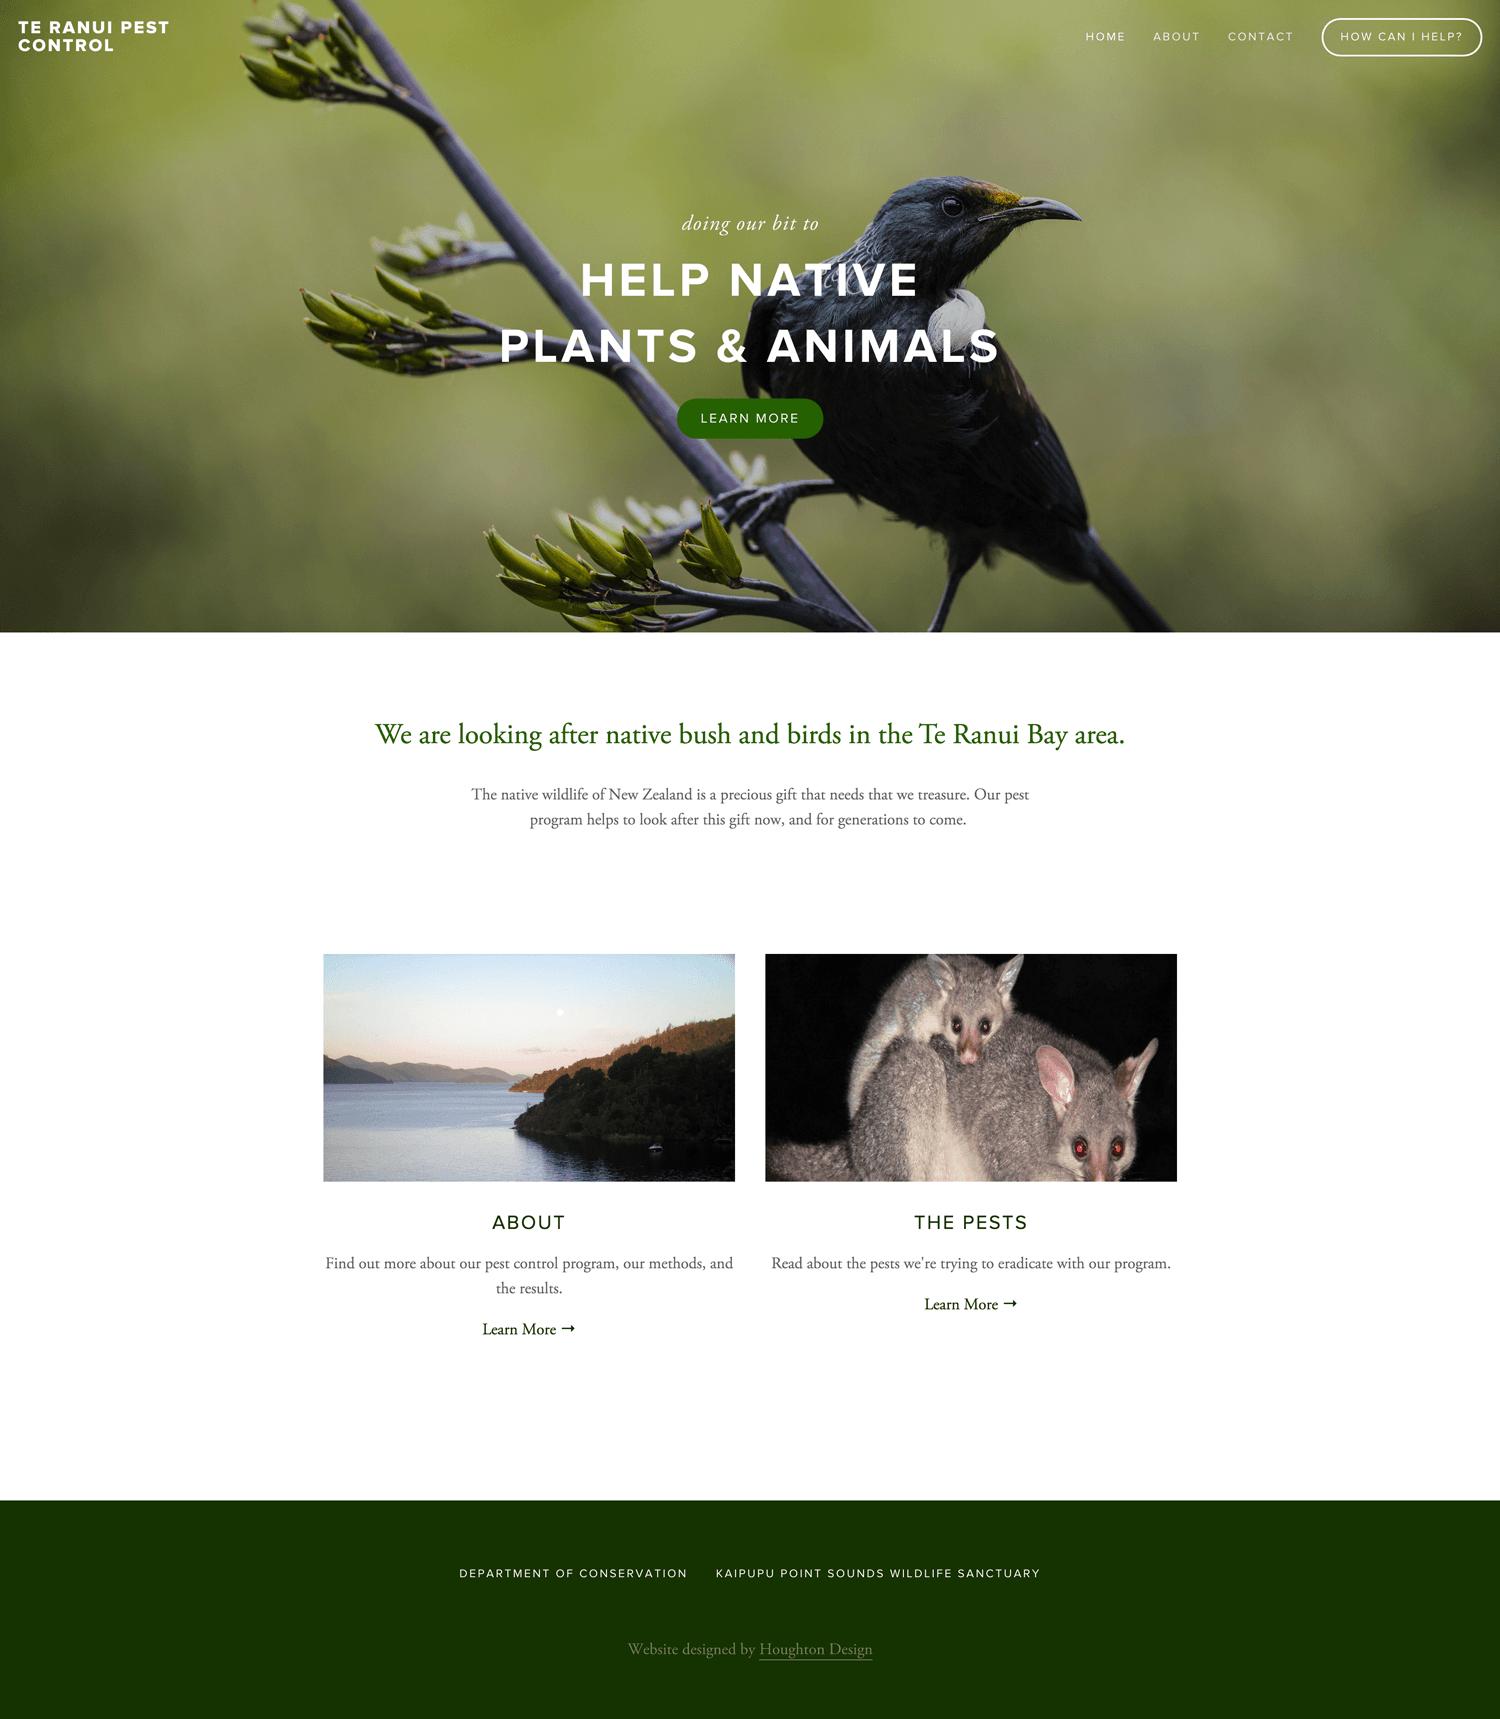 Te Ranui Pest Control - Home page